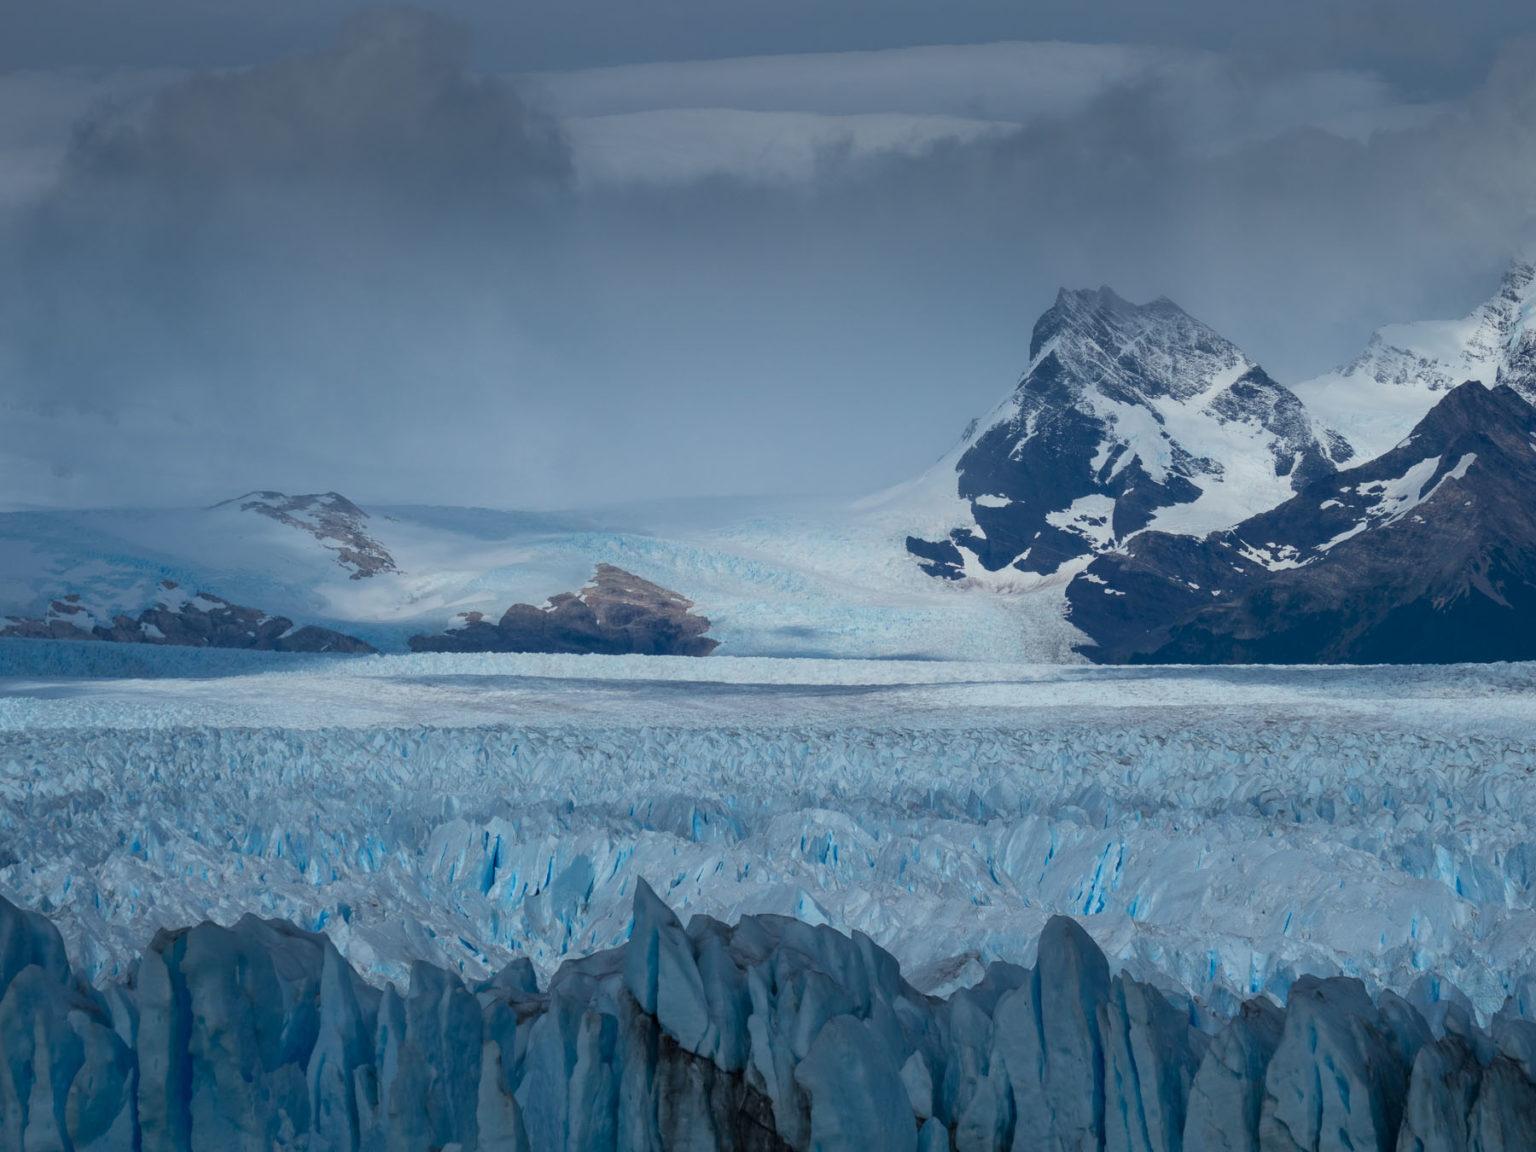 Gletschereis, so weit das Auge reicht